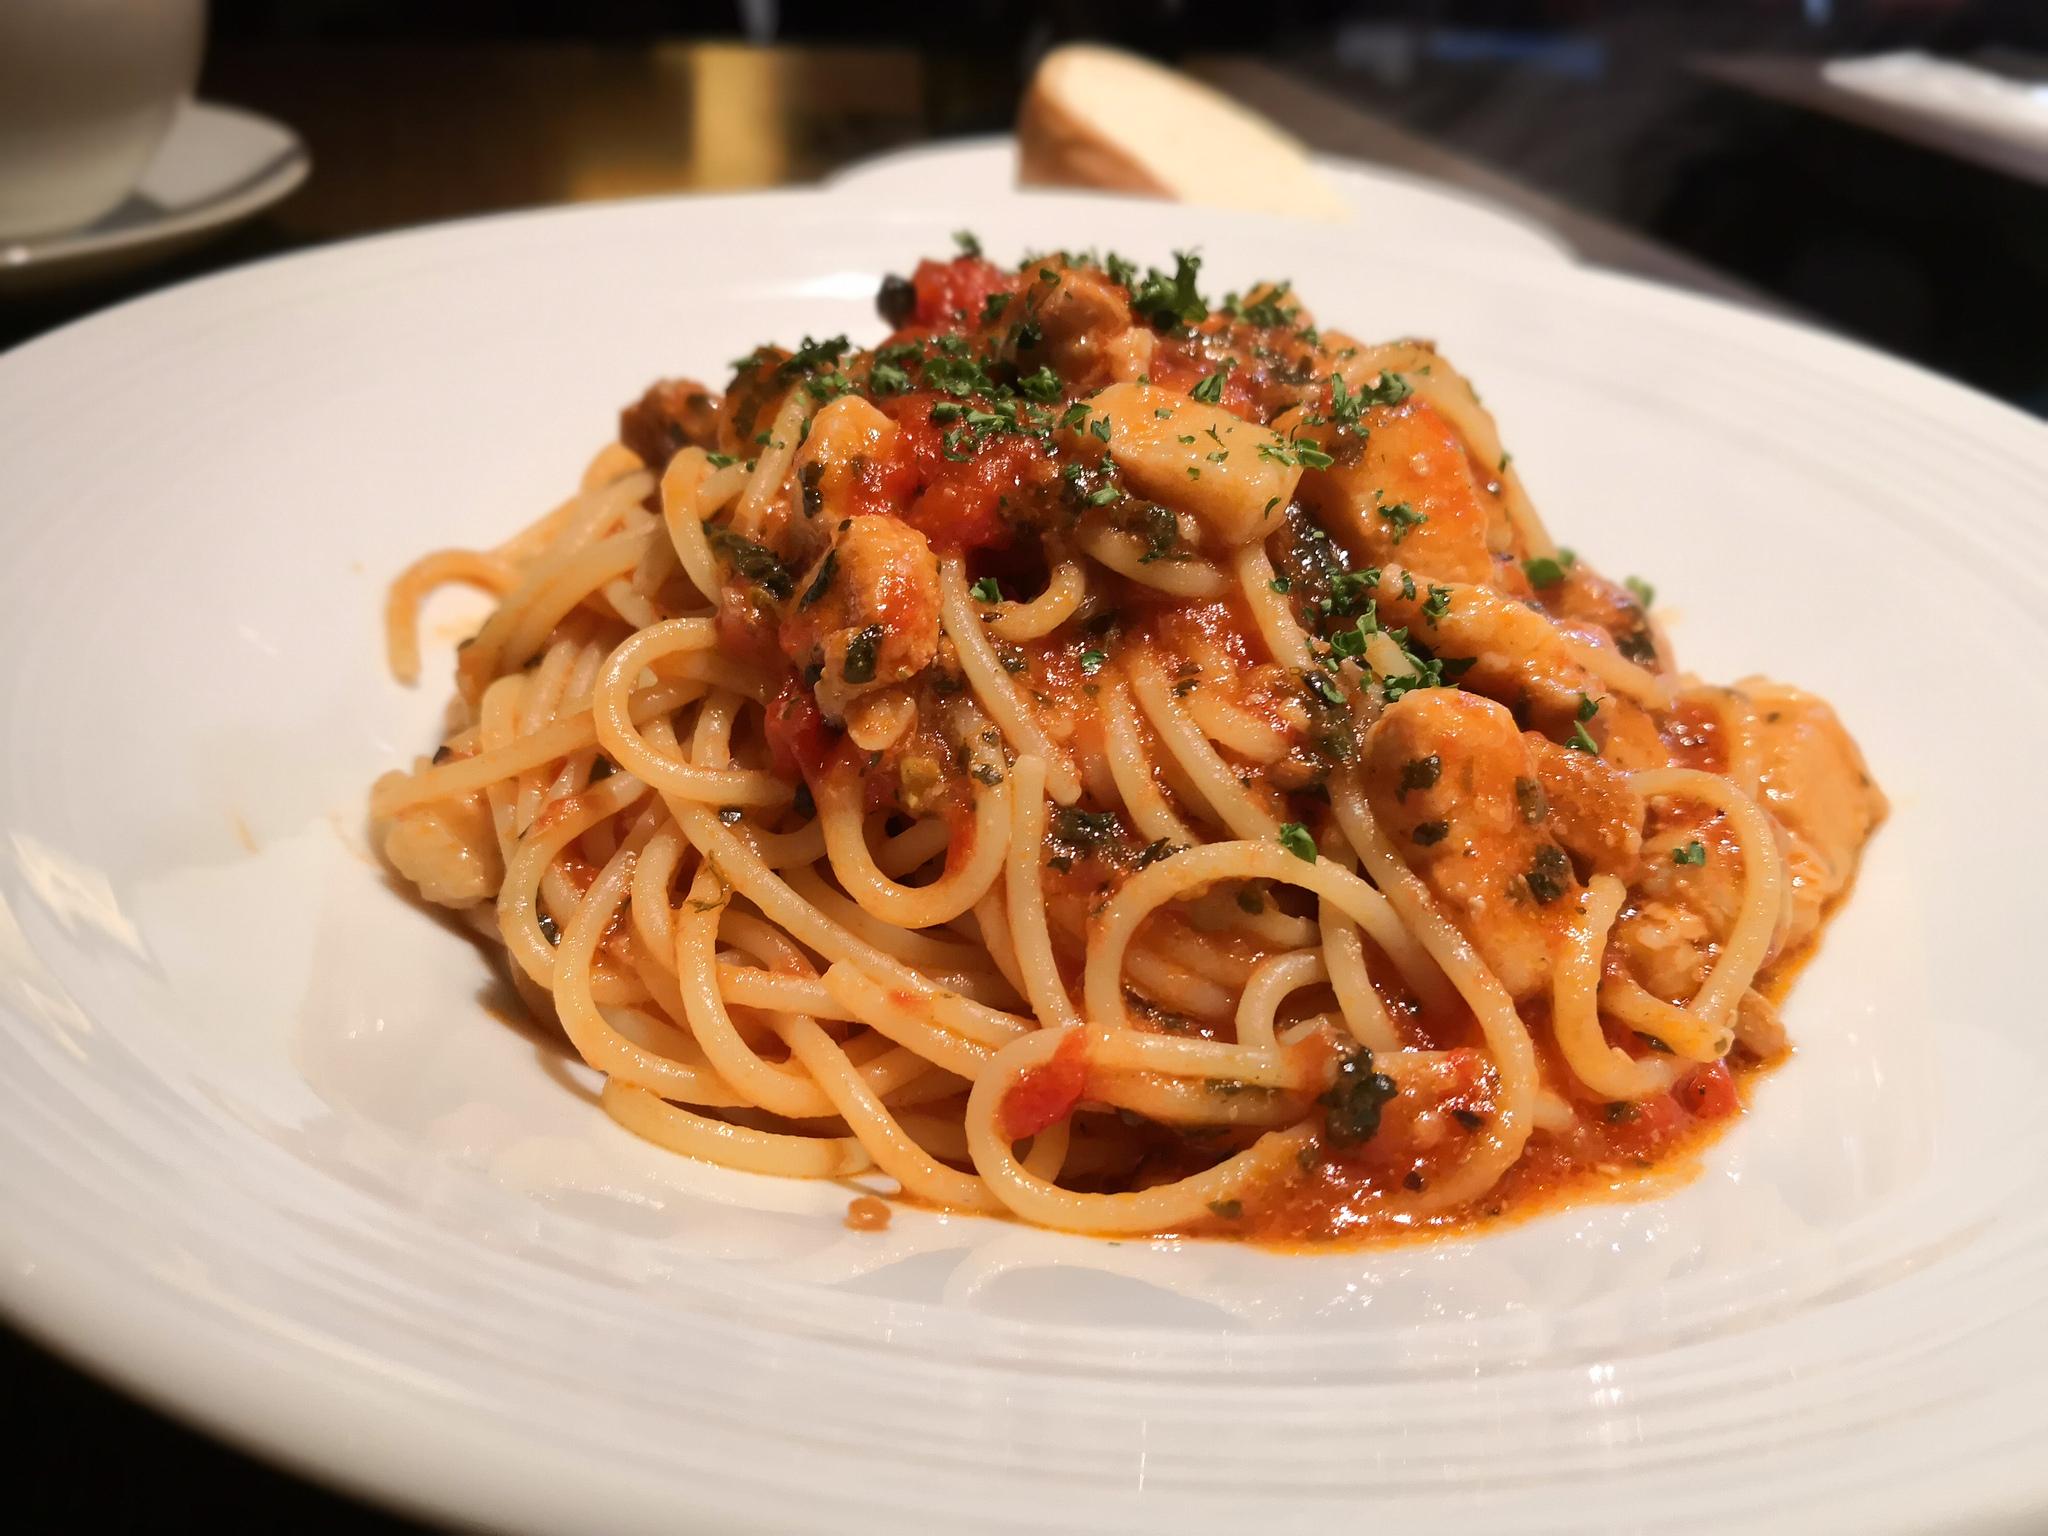 【不動前】タベルナアイ@ボリュームも味もしっかりと。気取らないイタリアンランチ。